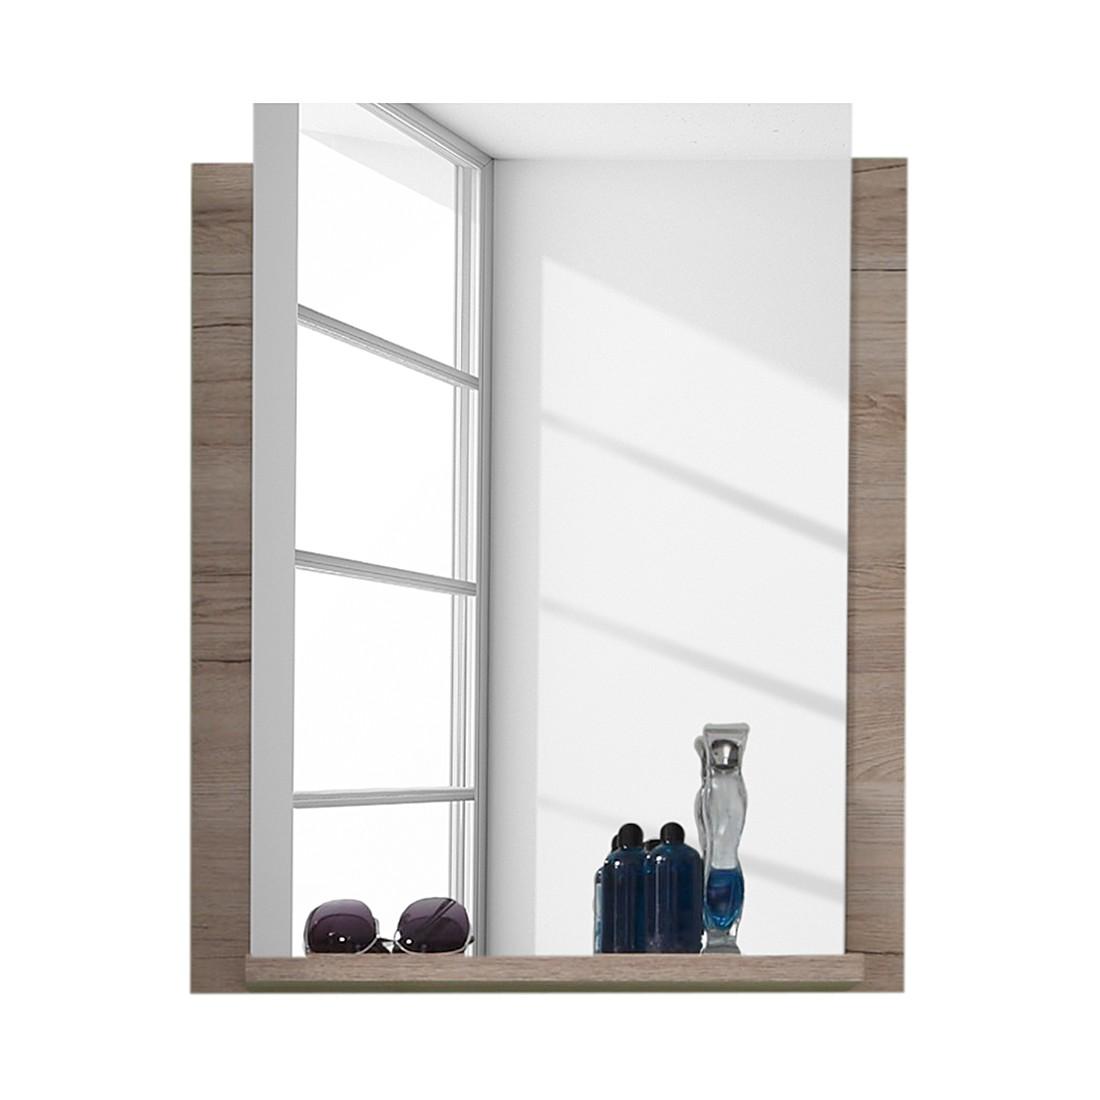 Wandspiegel Dano - San Remo eikenhouten look, Trendteam